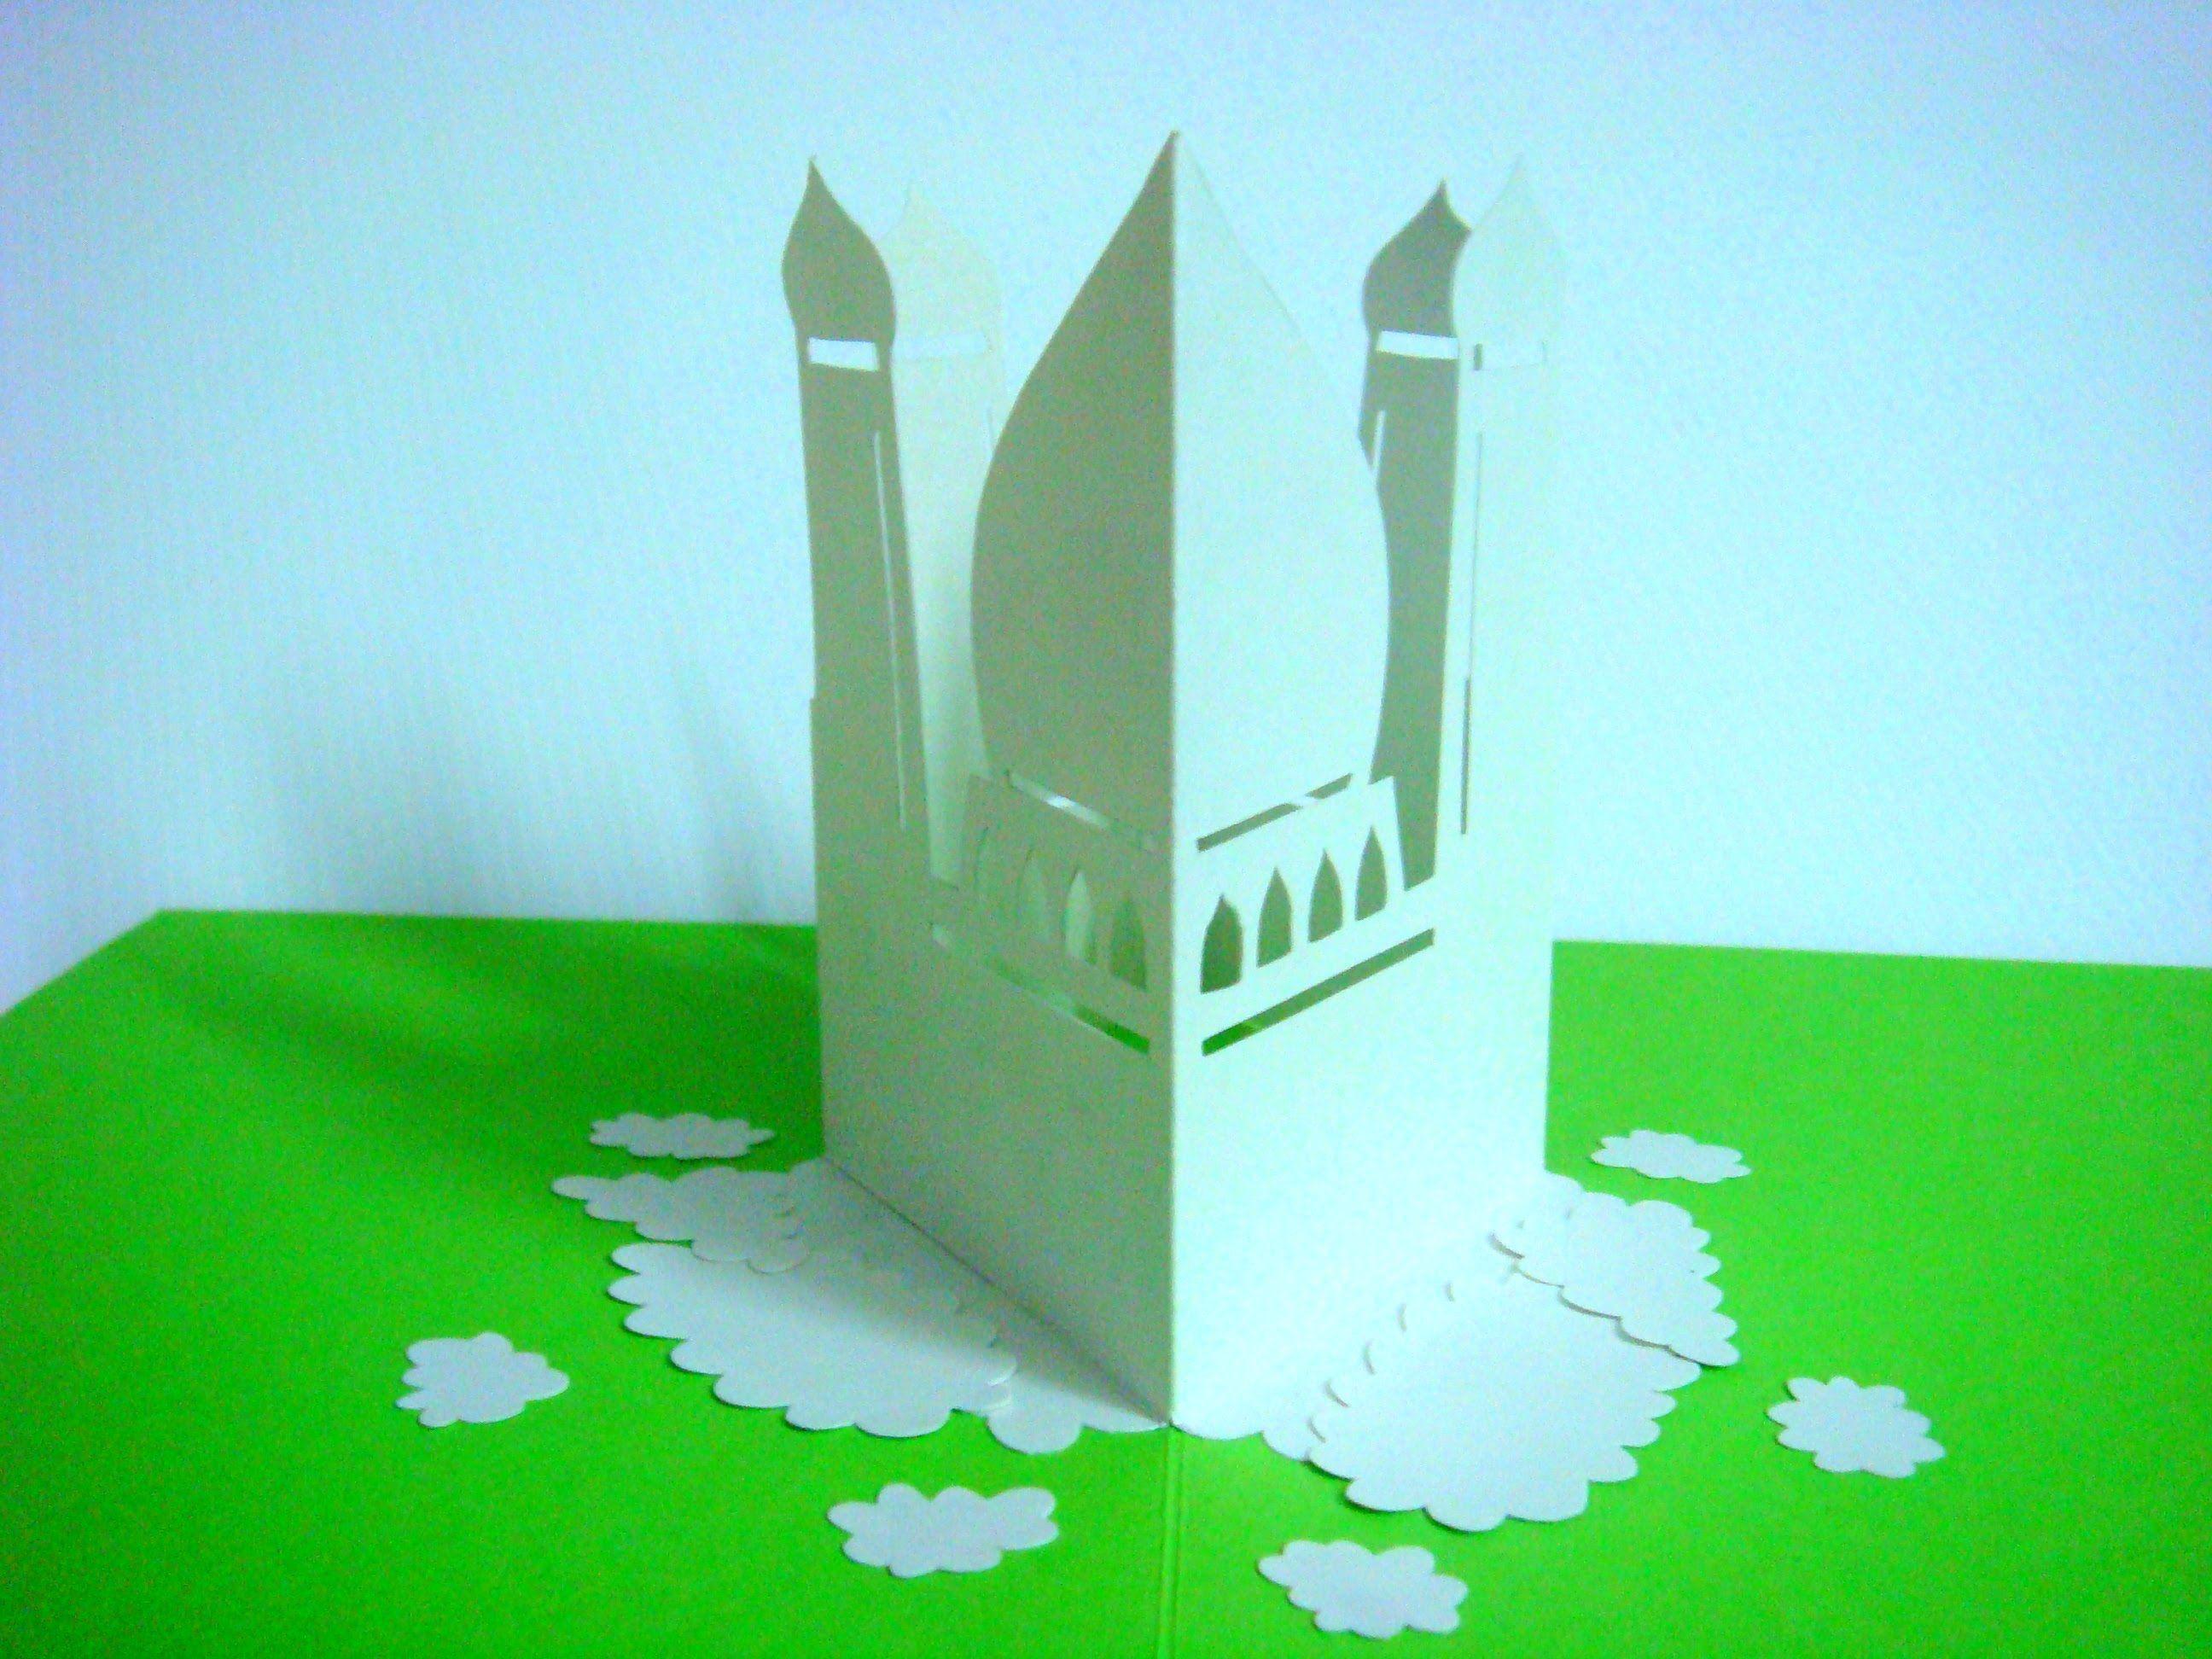 Eid Mubarak Pop Up Mosque Card Pop Up Cards Eid Mubarak Cards